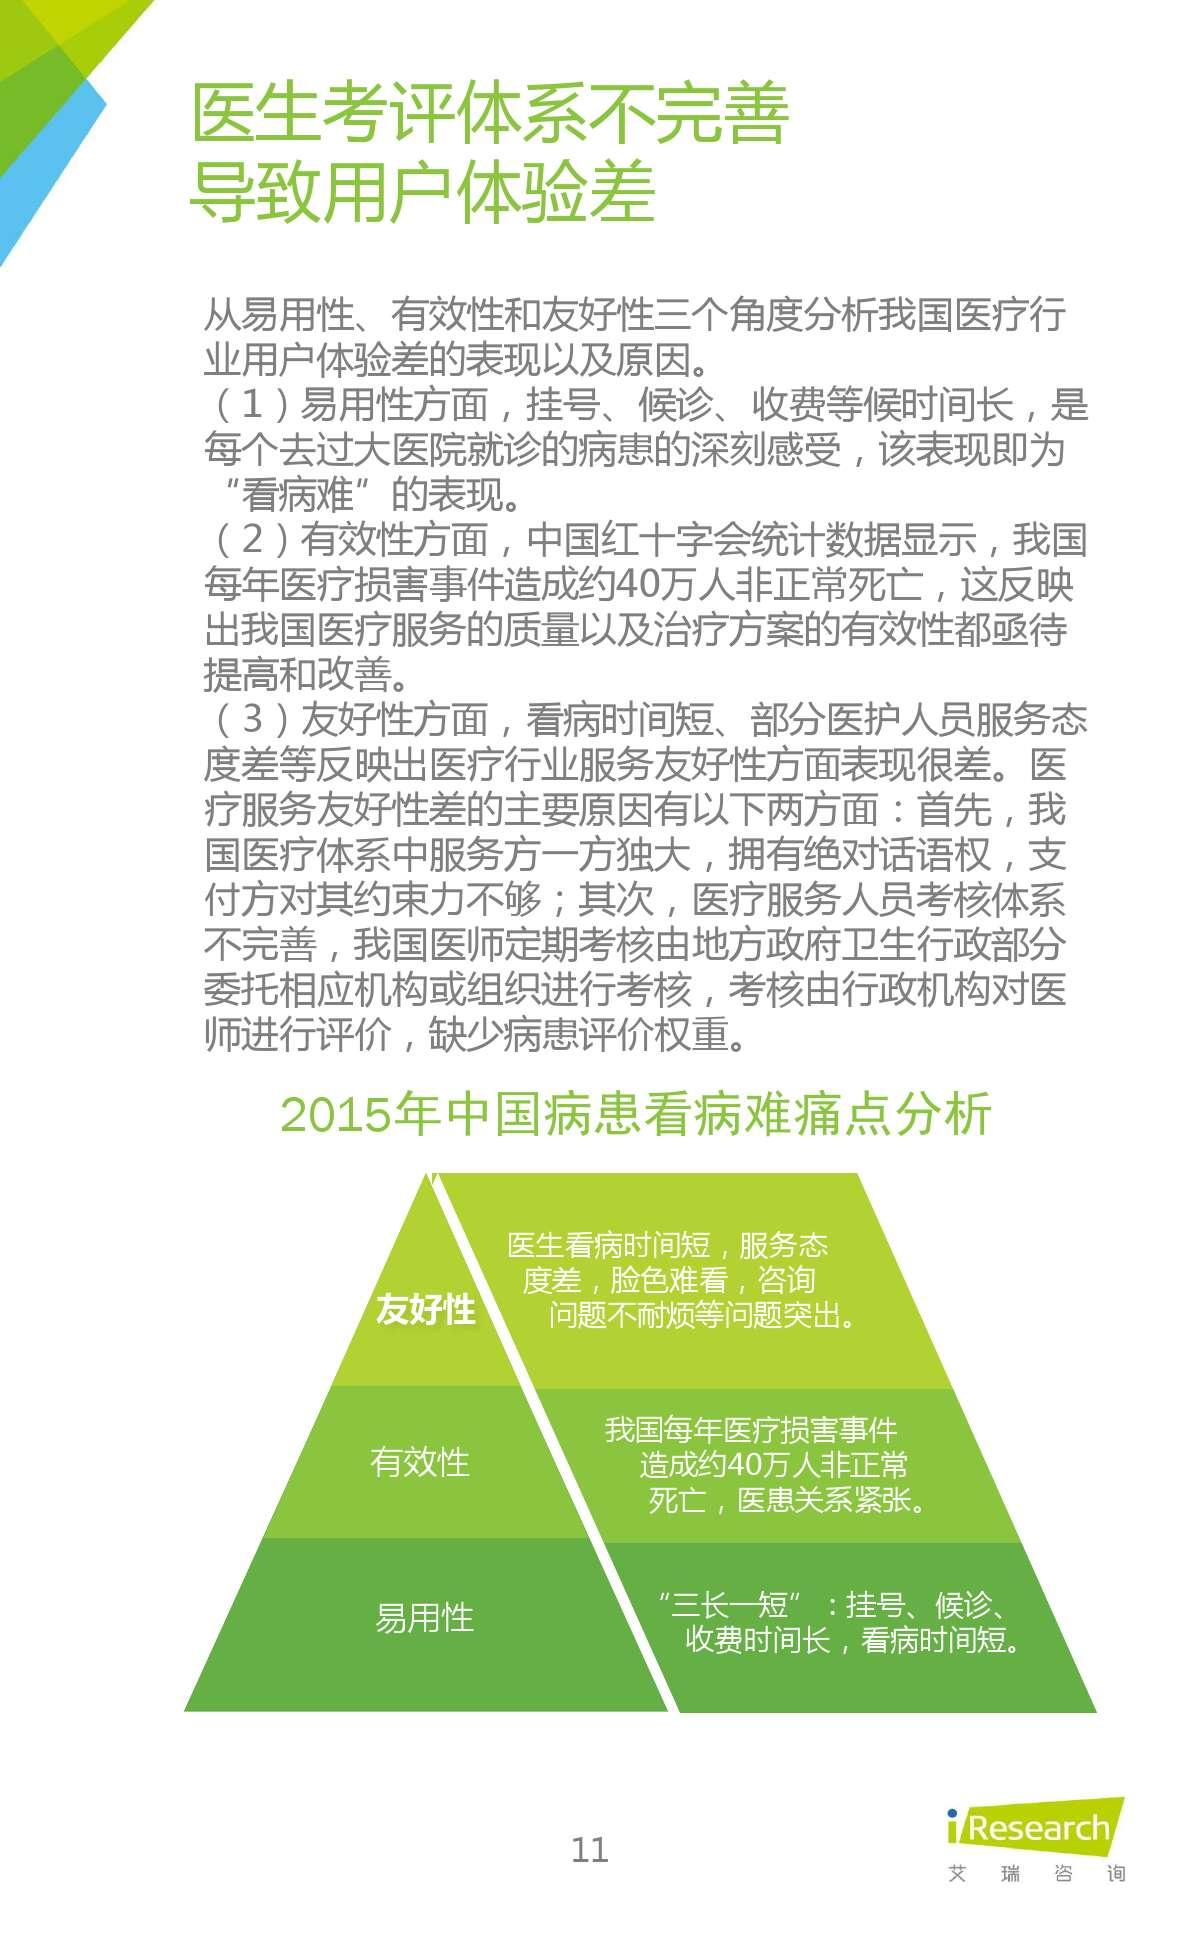 2015年中国在线问诊行业研究报告_000011